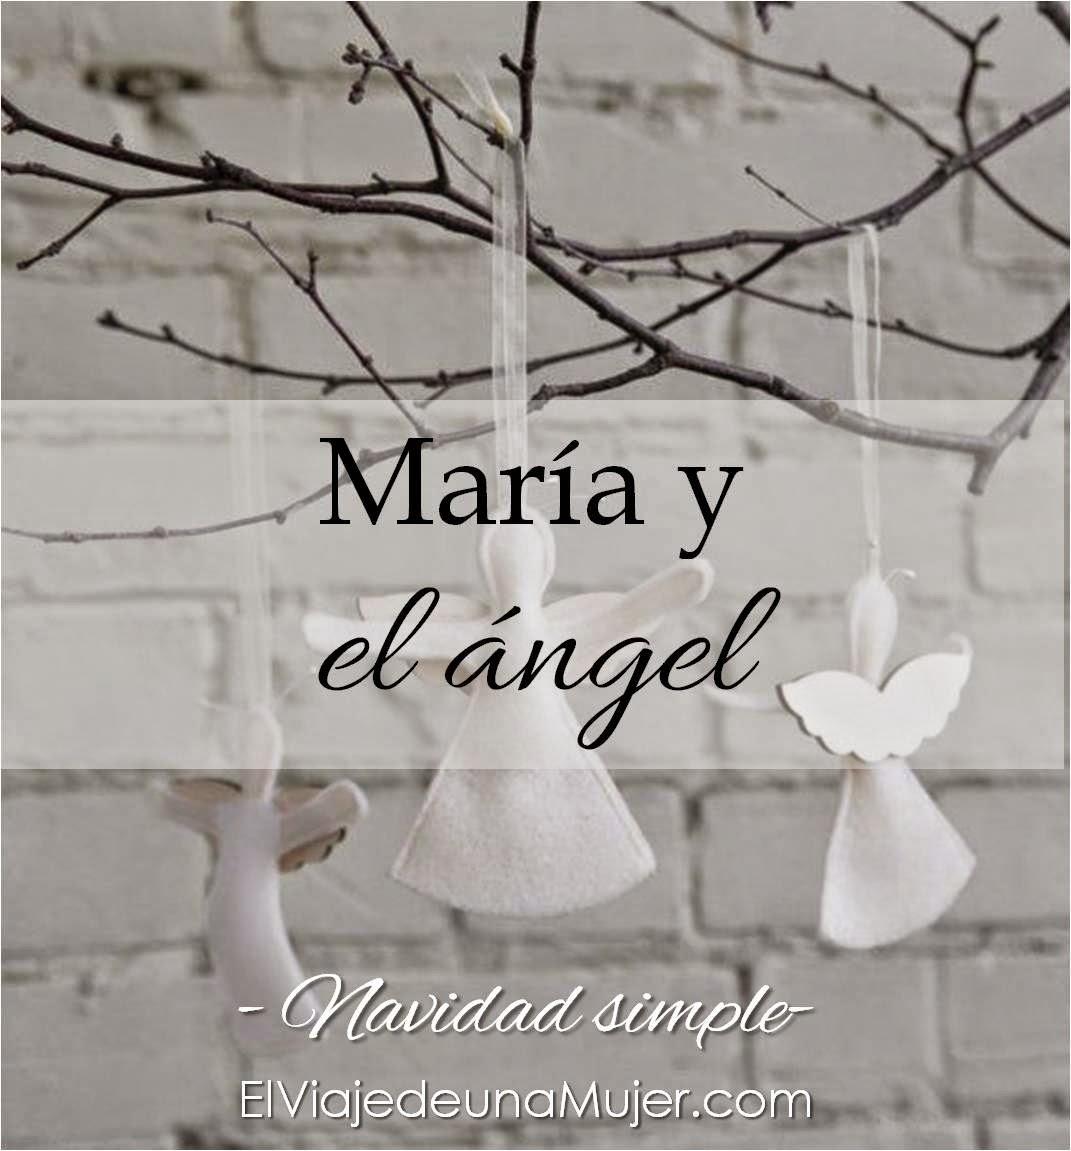 http://www.ensucamino.blogspot.com/2014/12/maria-y-el-angel-foto-editada-por.html